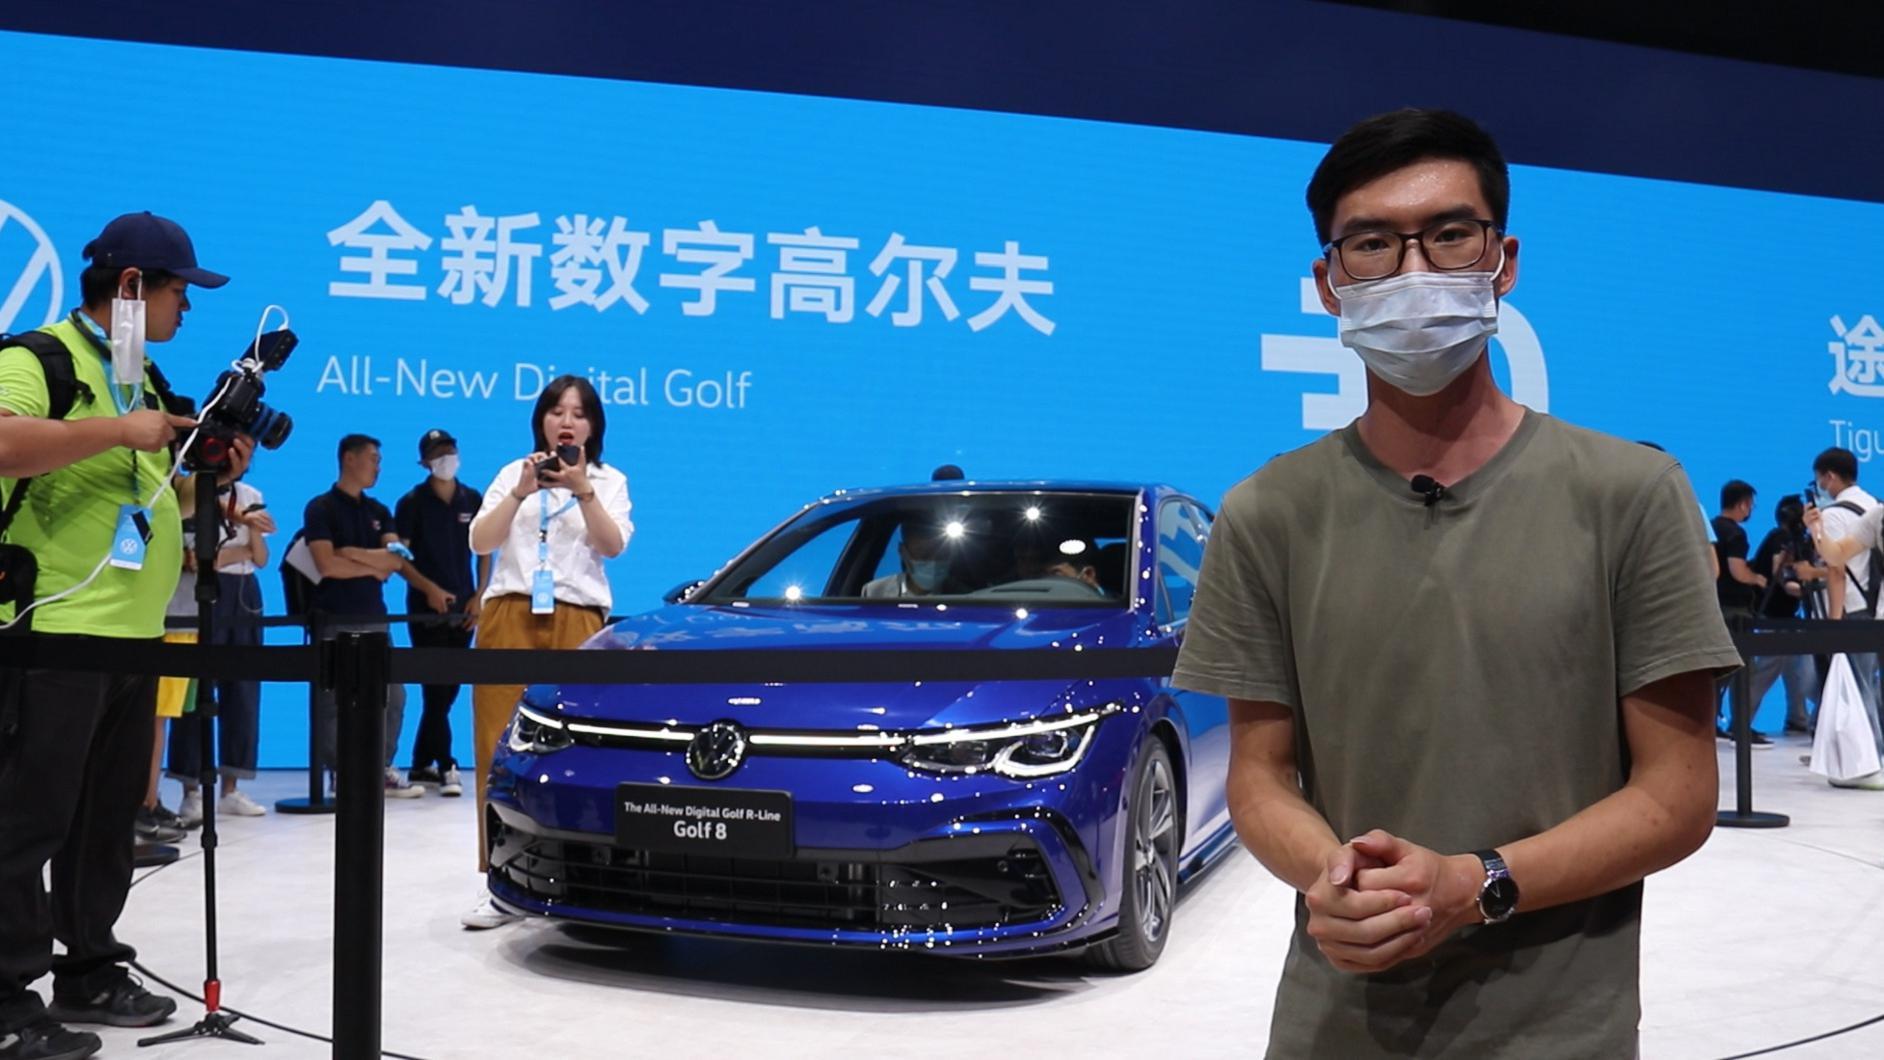 视频:2020北京车展丨采用全新数字化座舱 第八代大众高尔夫首发亮相